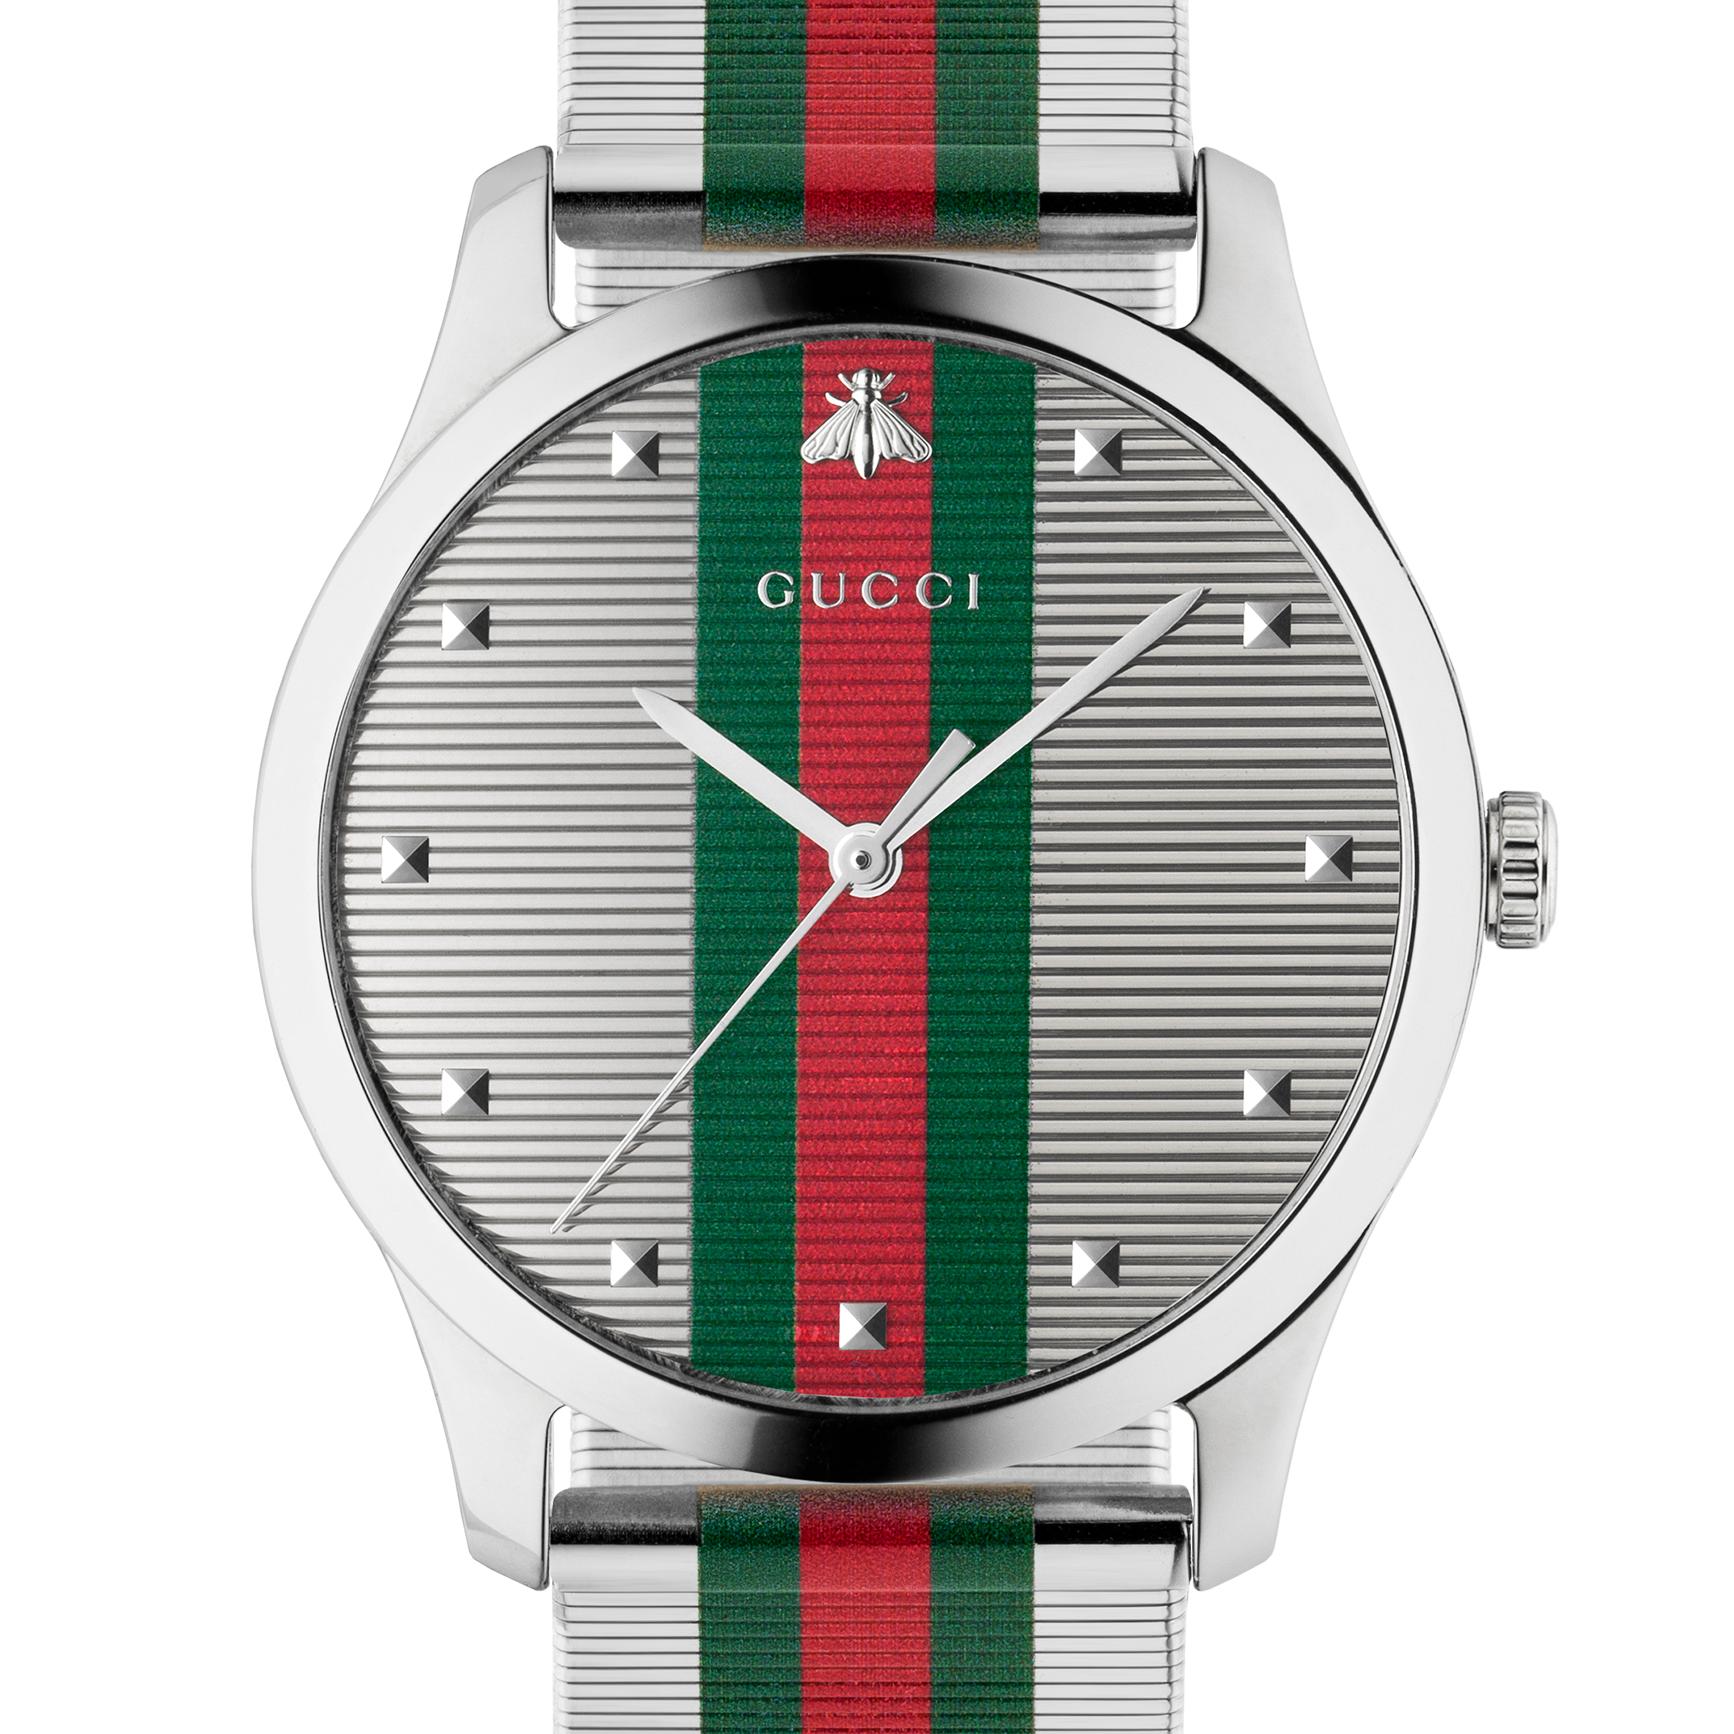 盛夏奢華─Gucci 2019 腕錶系列新篇章